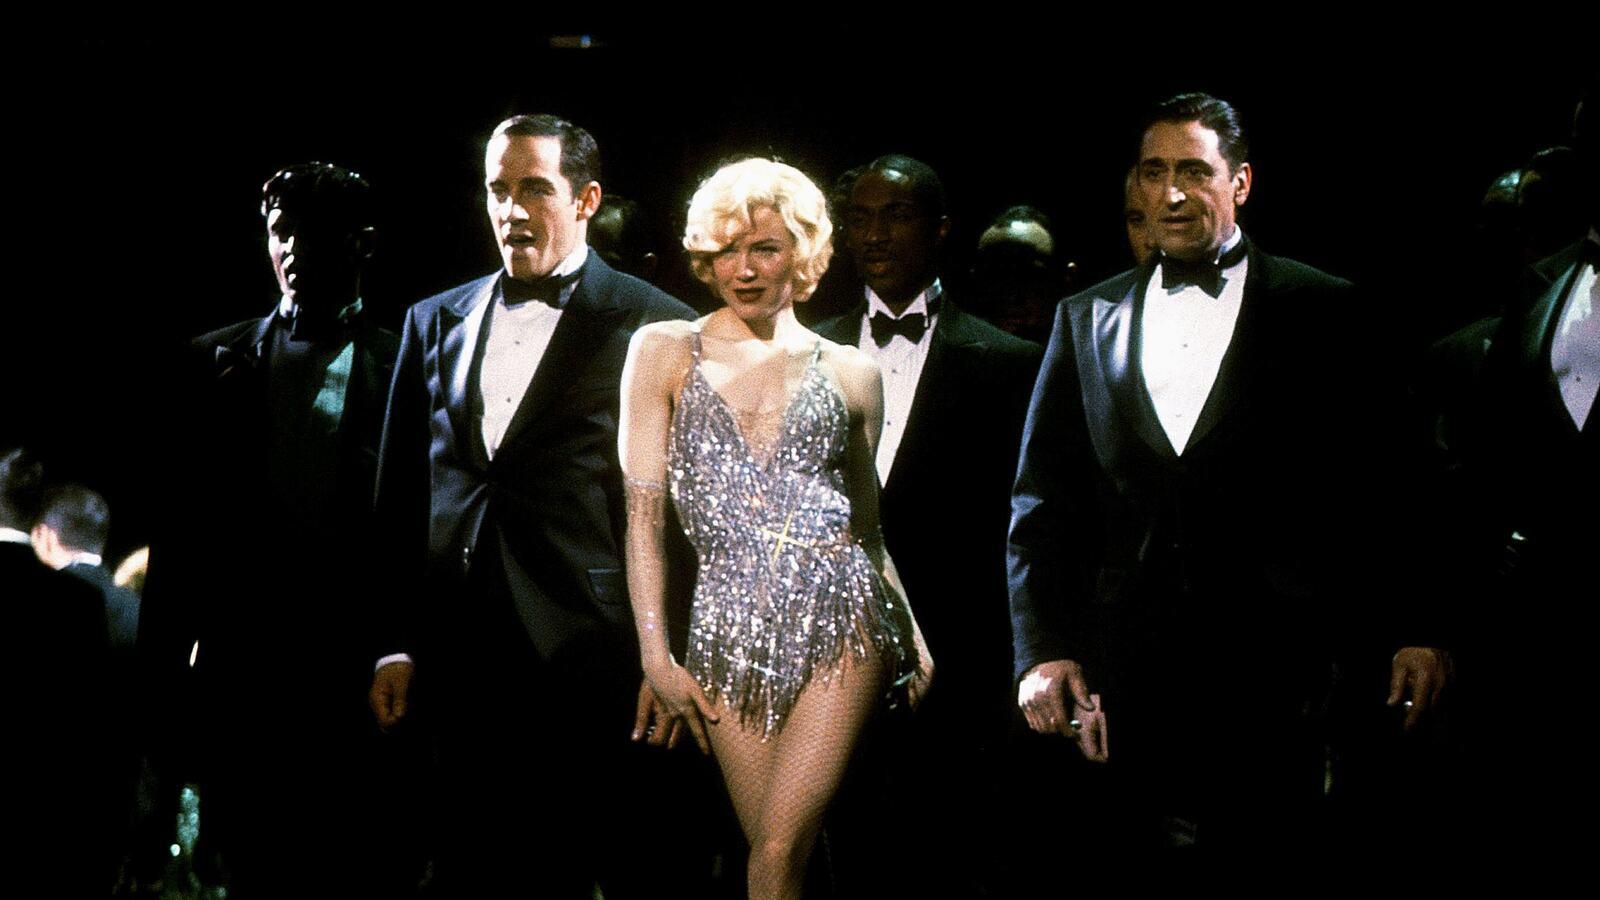 Film still from Chicago (2002)